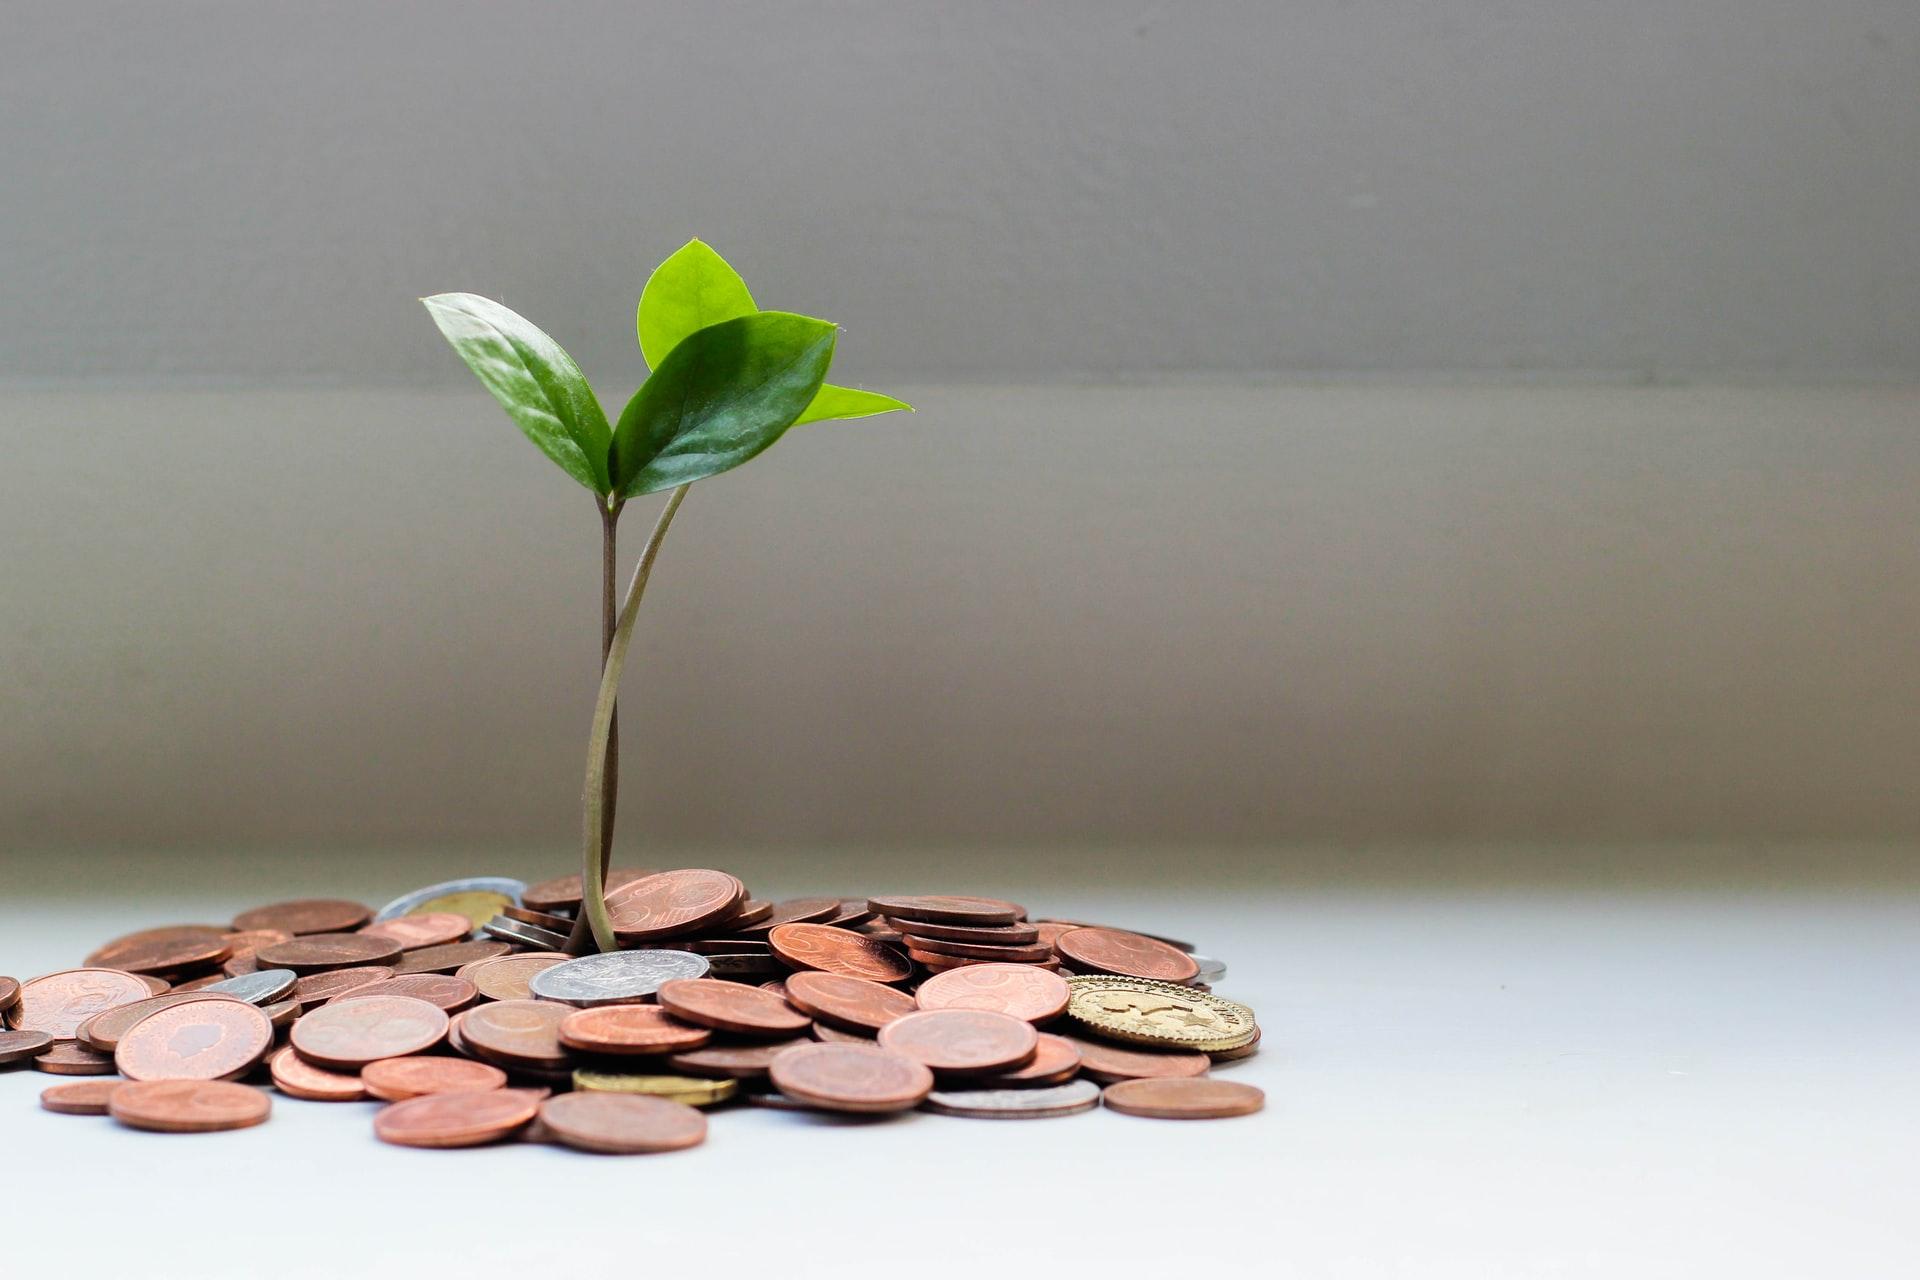 Små steder, du kan spare penge i hverdagen